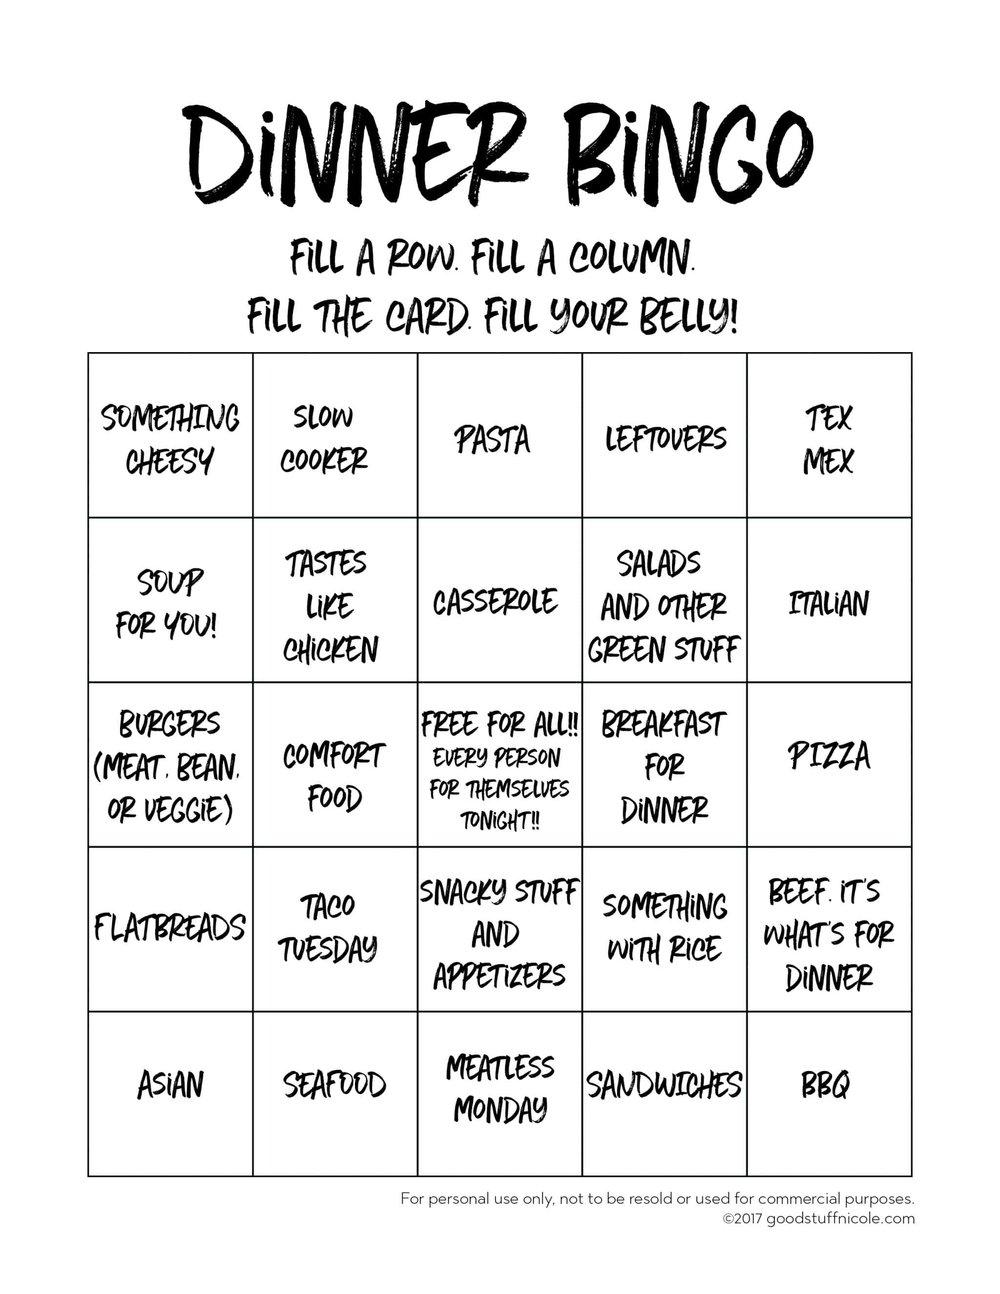 dinner_bingo@4x-100.jpg